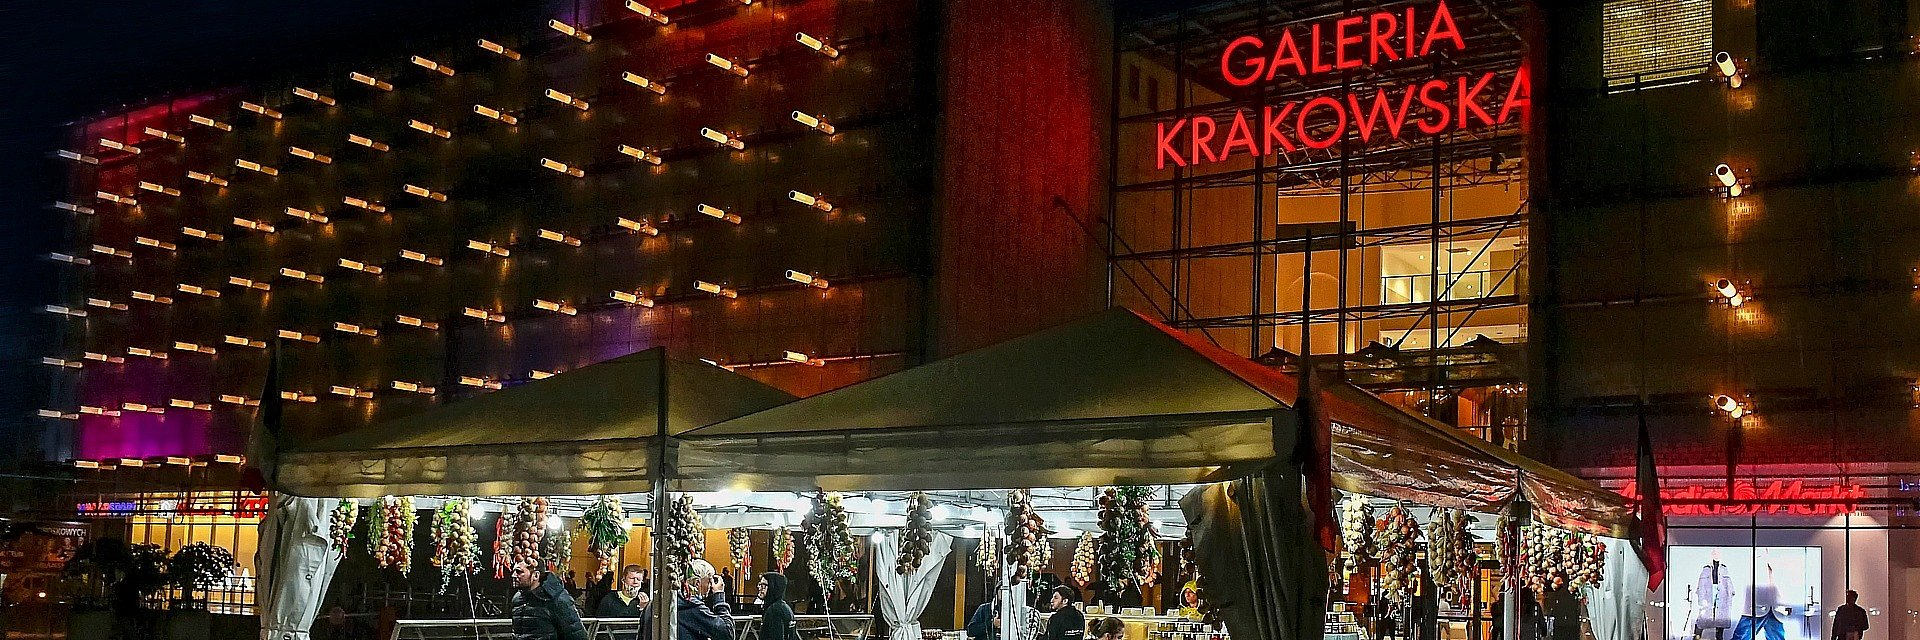 Włoski klimat w sercu Krakowa